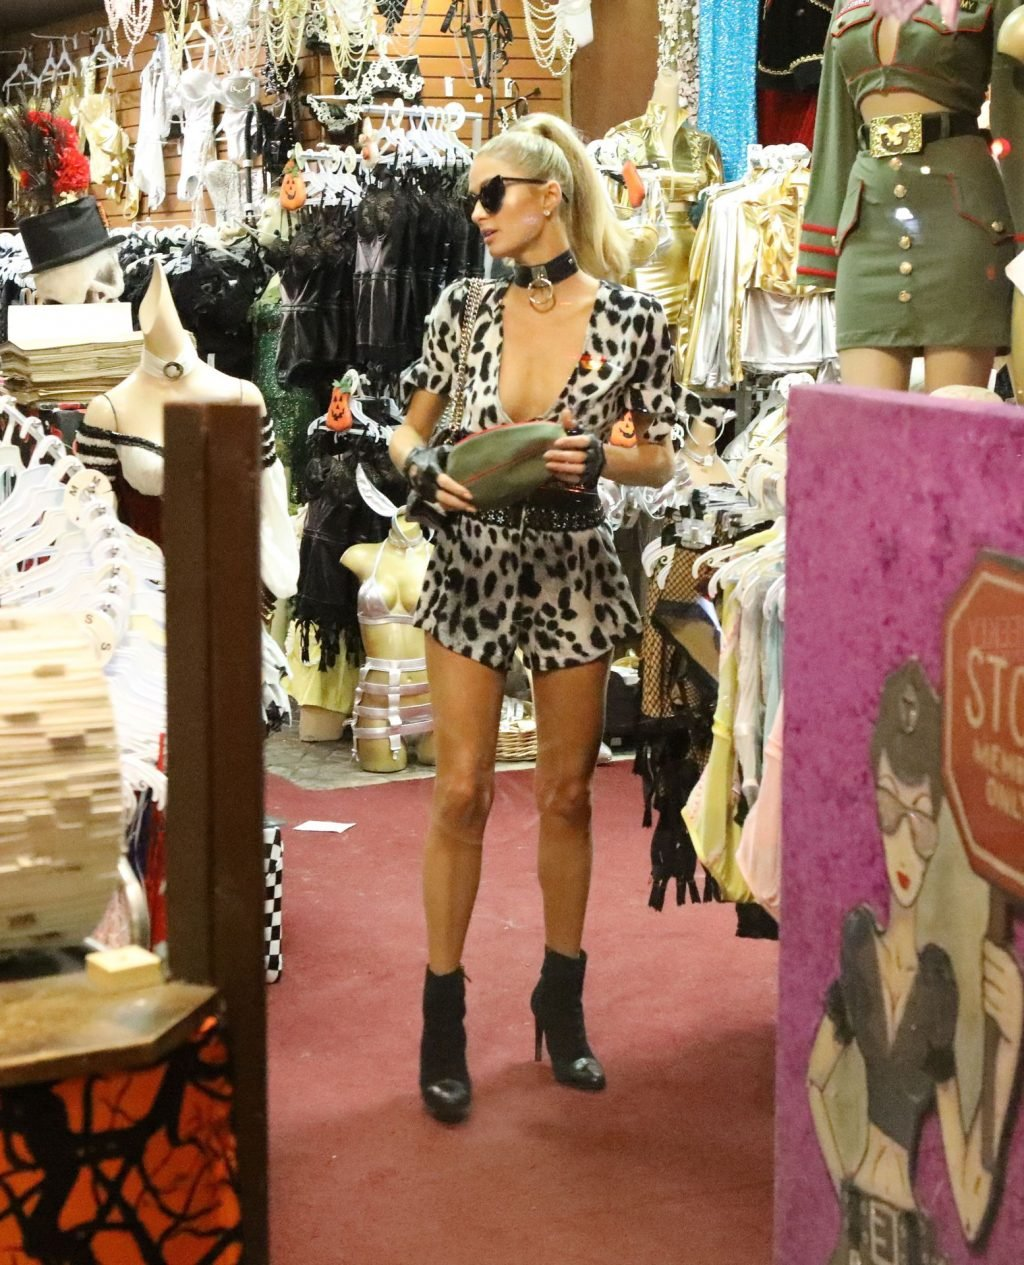 Paris Hilton Sexy (86 Photos)